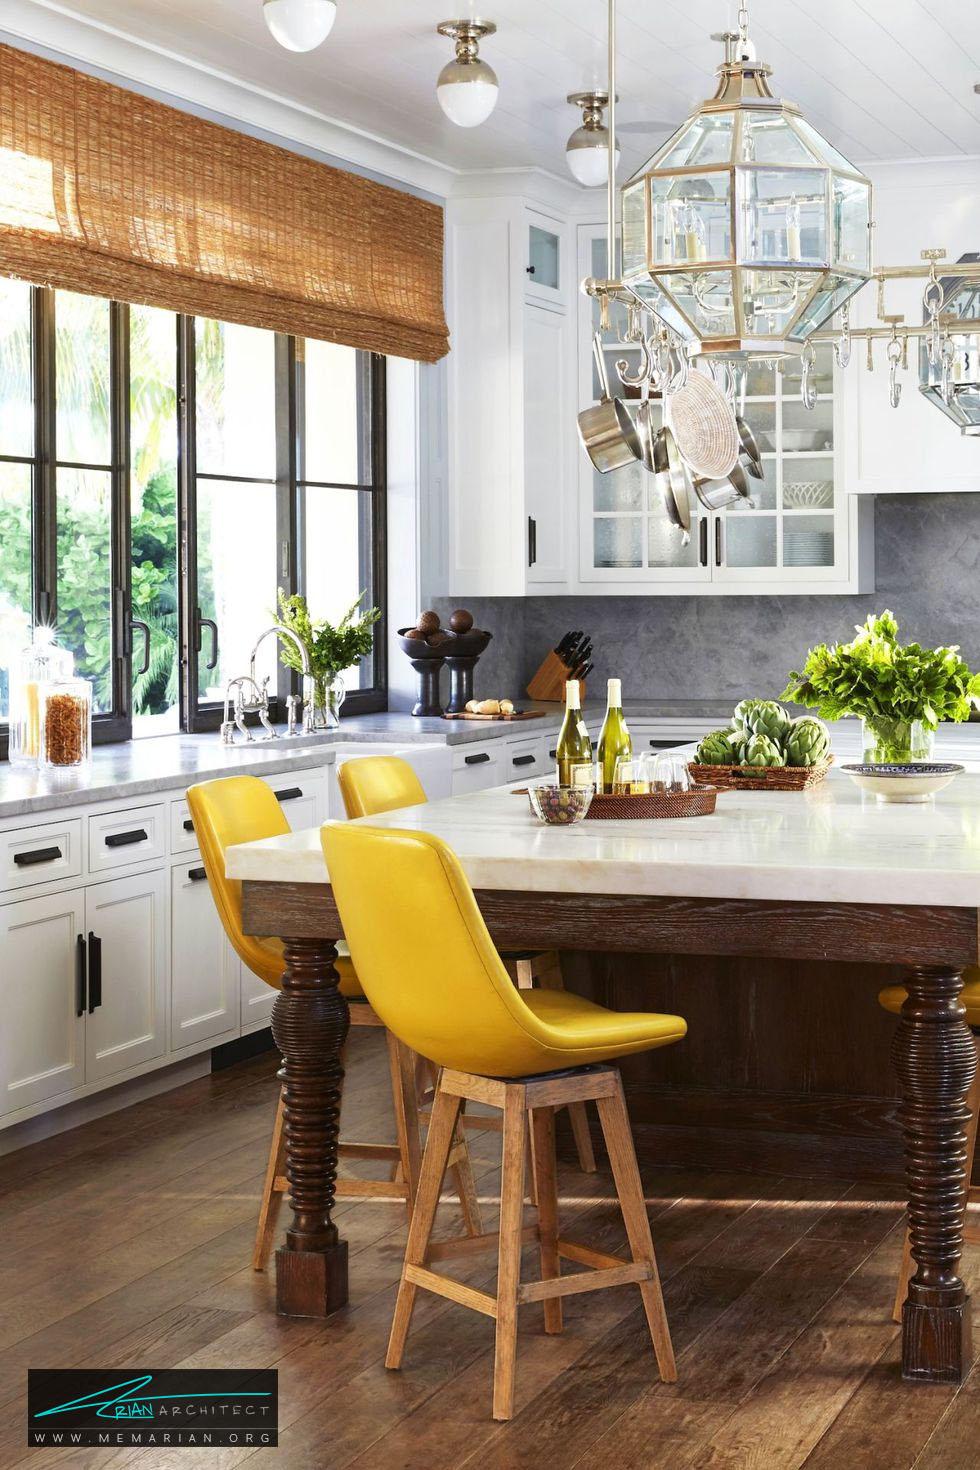 میز ناهارخوری شیک و ساده - 20 ایده جذاب برای دکوراسیون آشپزخانه